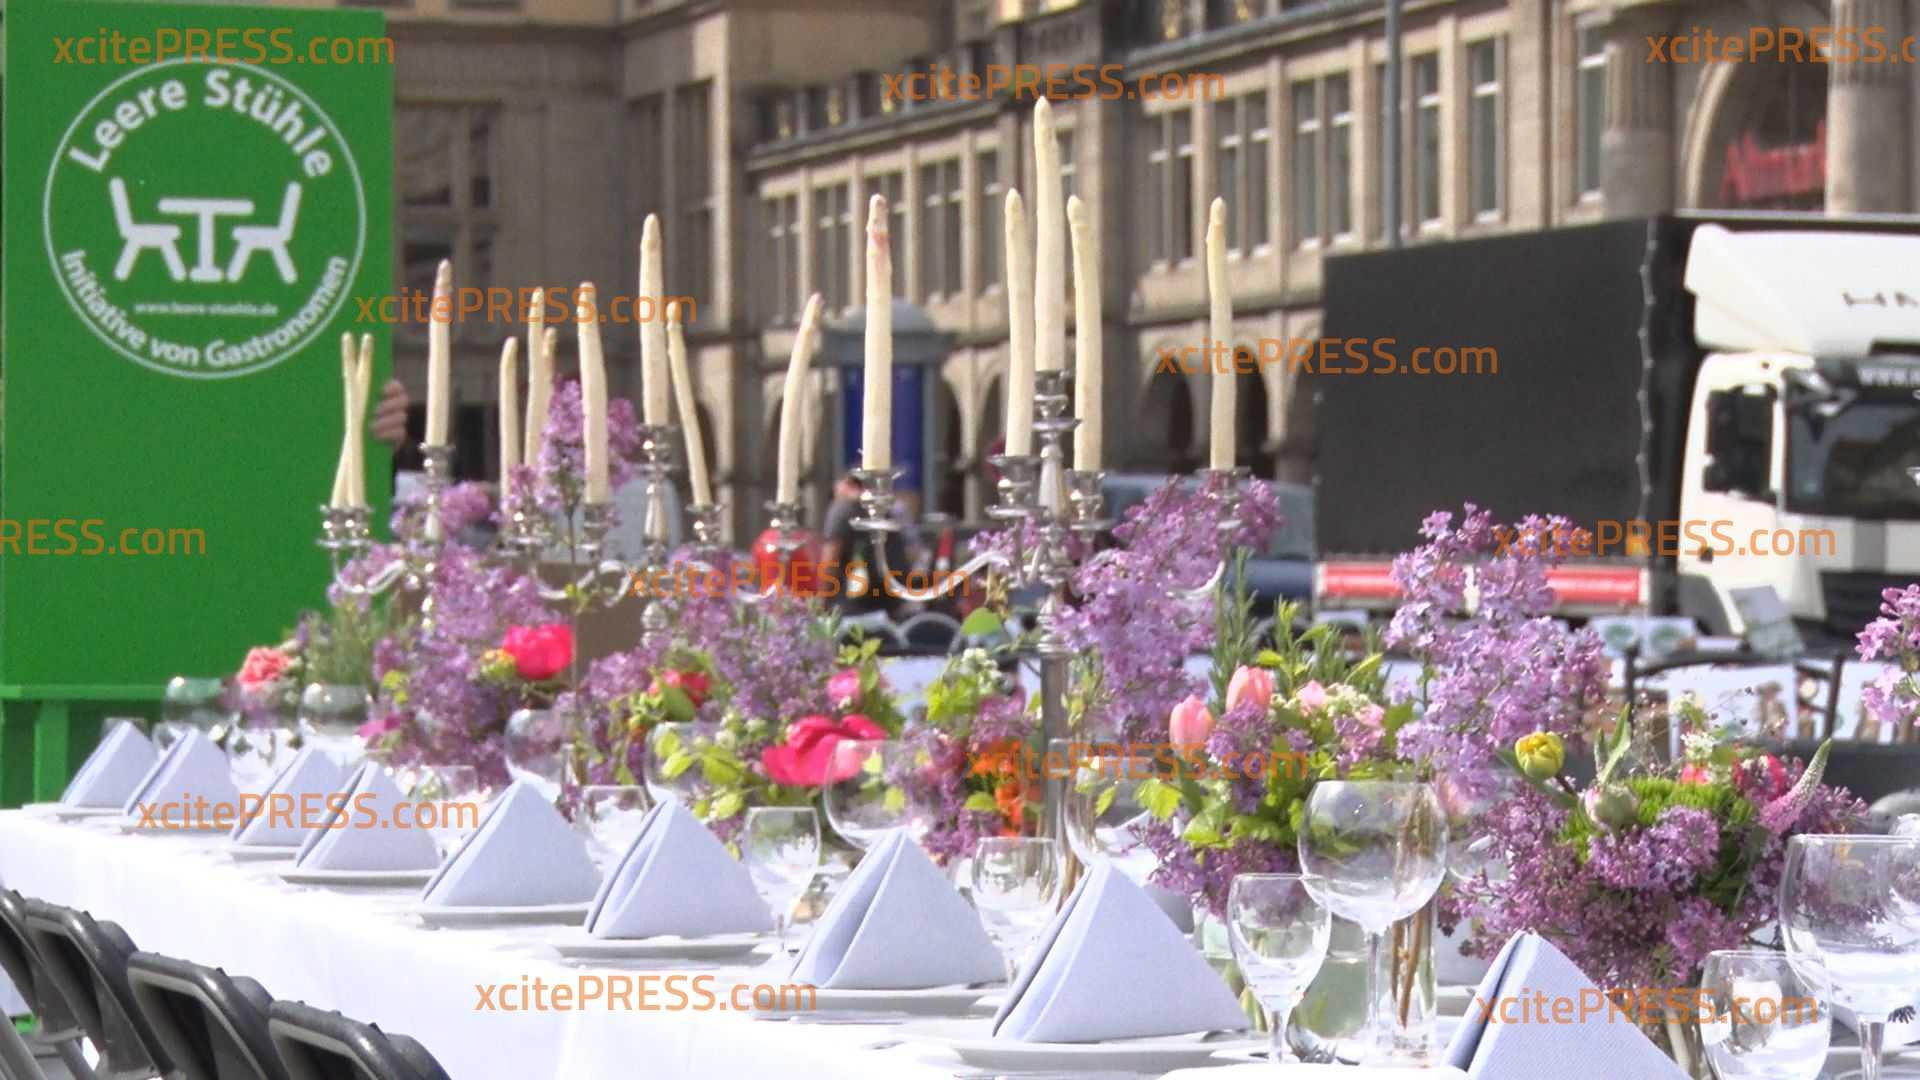 """Protest der Gastronomen wegen Corona-Krise geht weiter: Aktion """"Leere Stühle"""" nun deutschlandweit"""